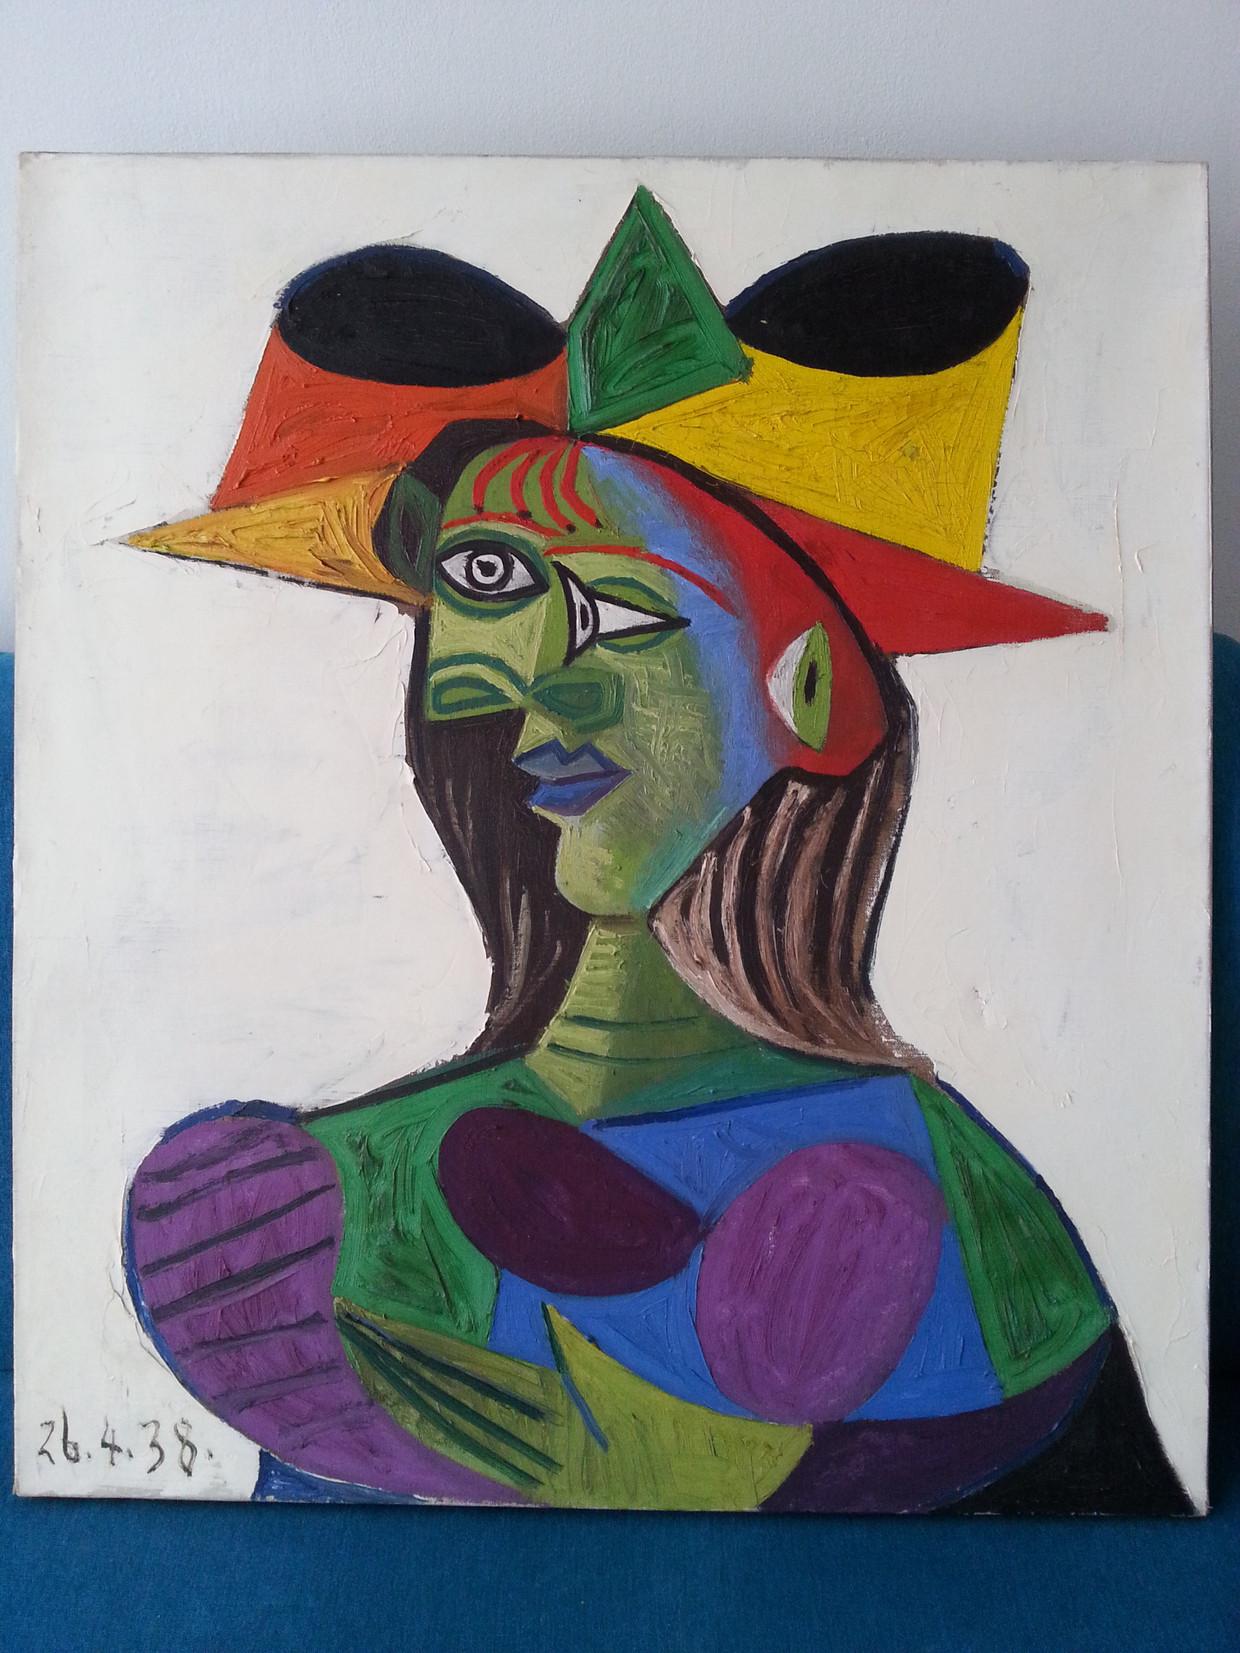 Het gestolen en teruggevonden schilderij van Picasso: Buste de Femme (1938). Het werk is 'nog in een goede staat, met een lichte beschadiging'.